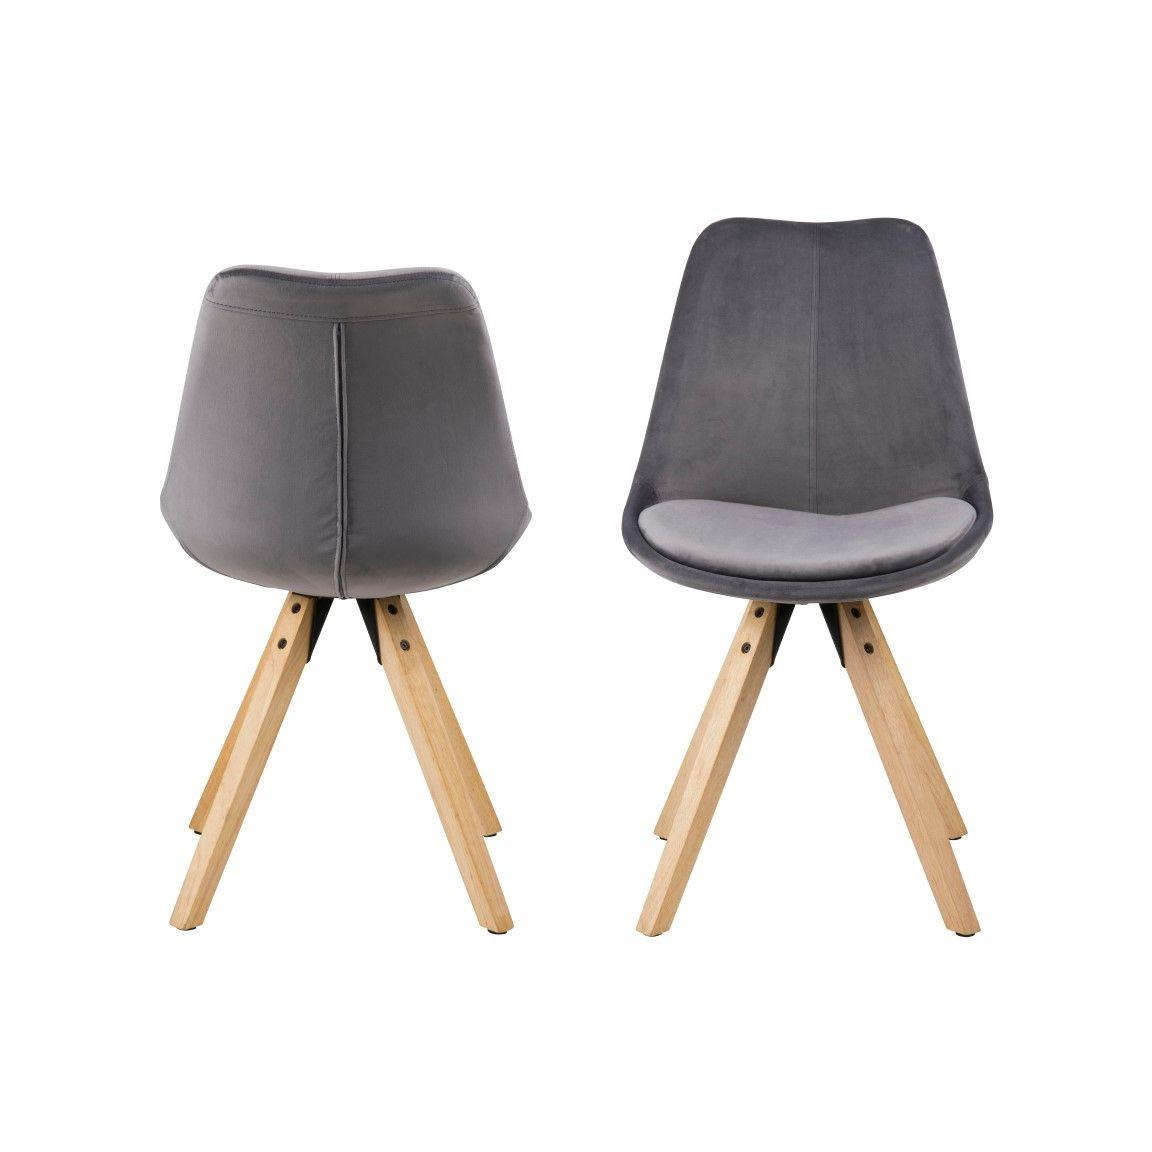 Esszimmerstühle Nida | 2er-Set | Dunkelgrau + Holzbeine aus Gummi